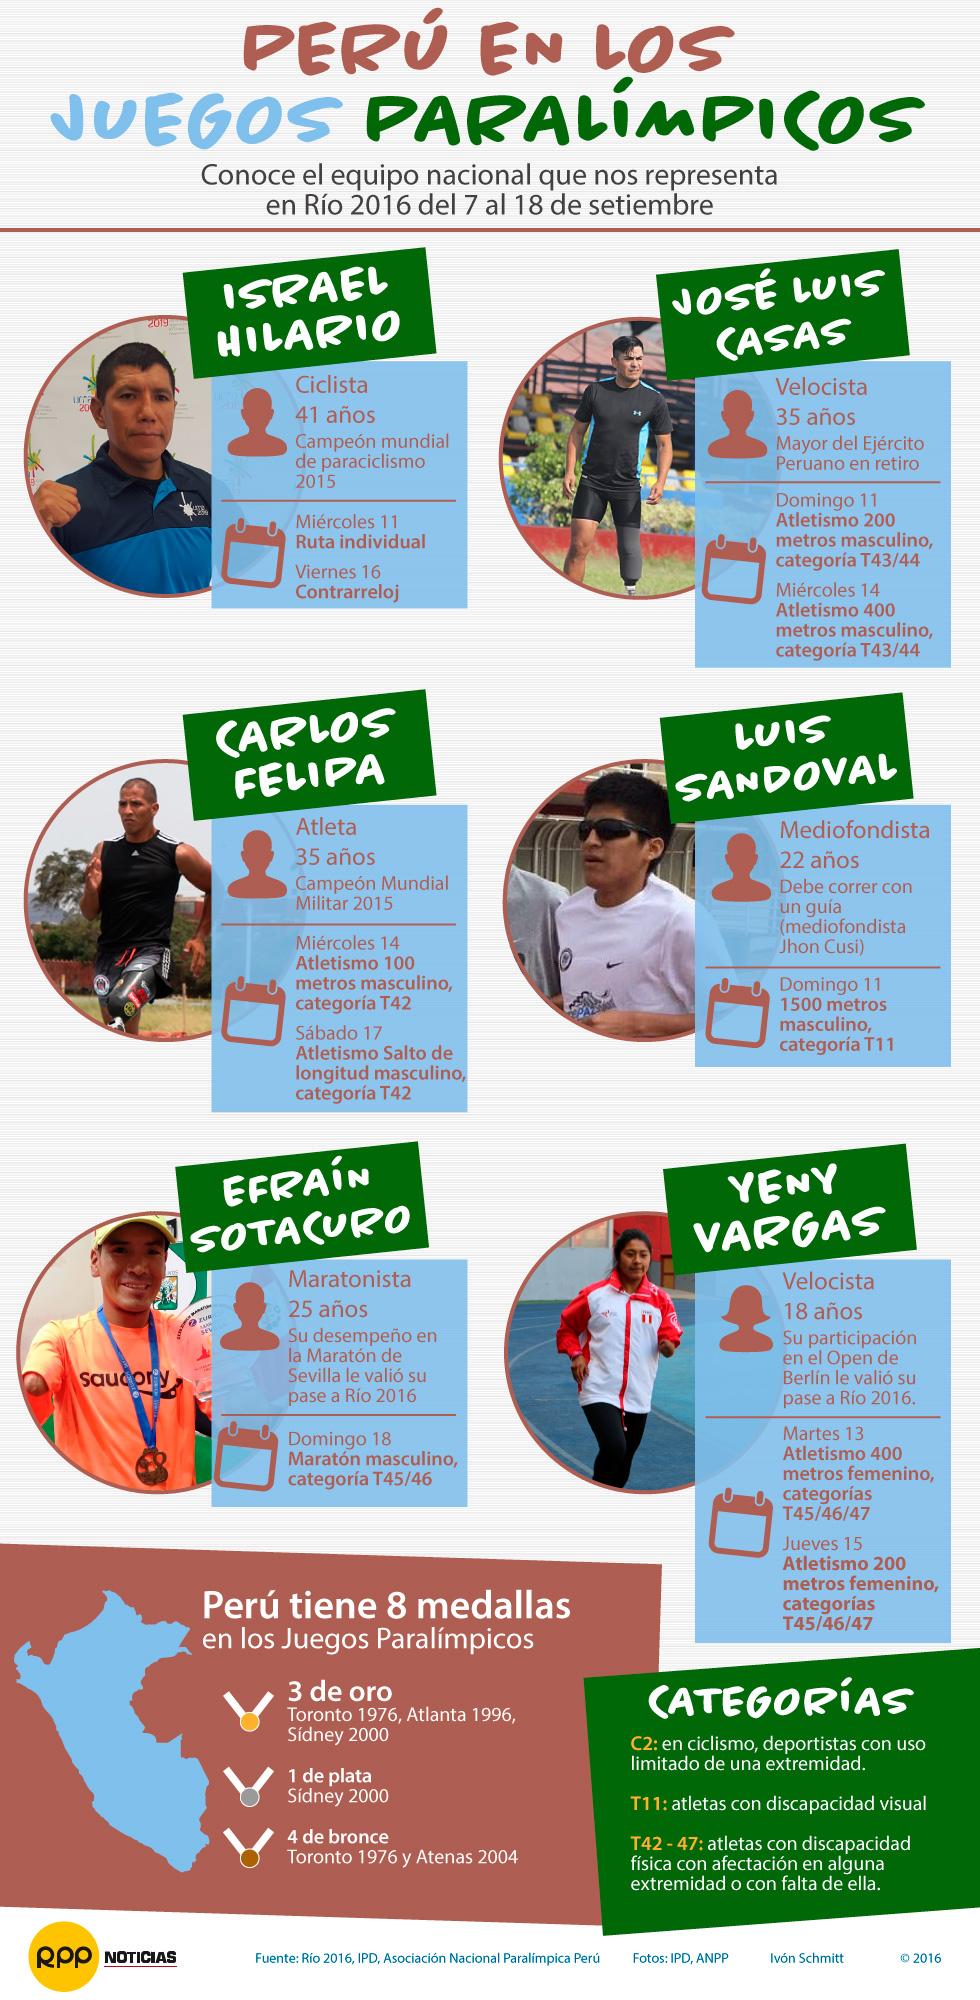 Peruanos en los Juegos Paralímpicos Río 2016